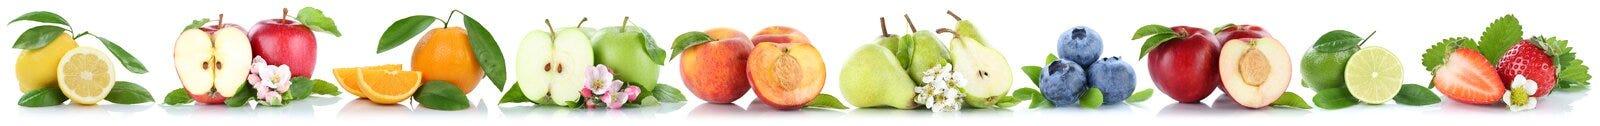 Owoc jabłek jabłczane pomarańczowe pomarańcze odizolowywać na bielu z rzędu Fotografia Royalty Free